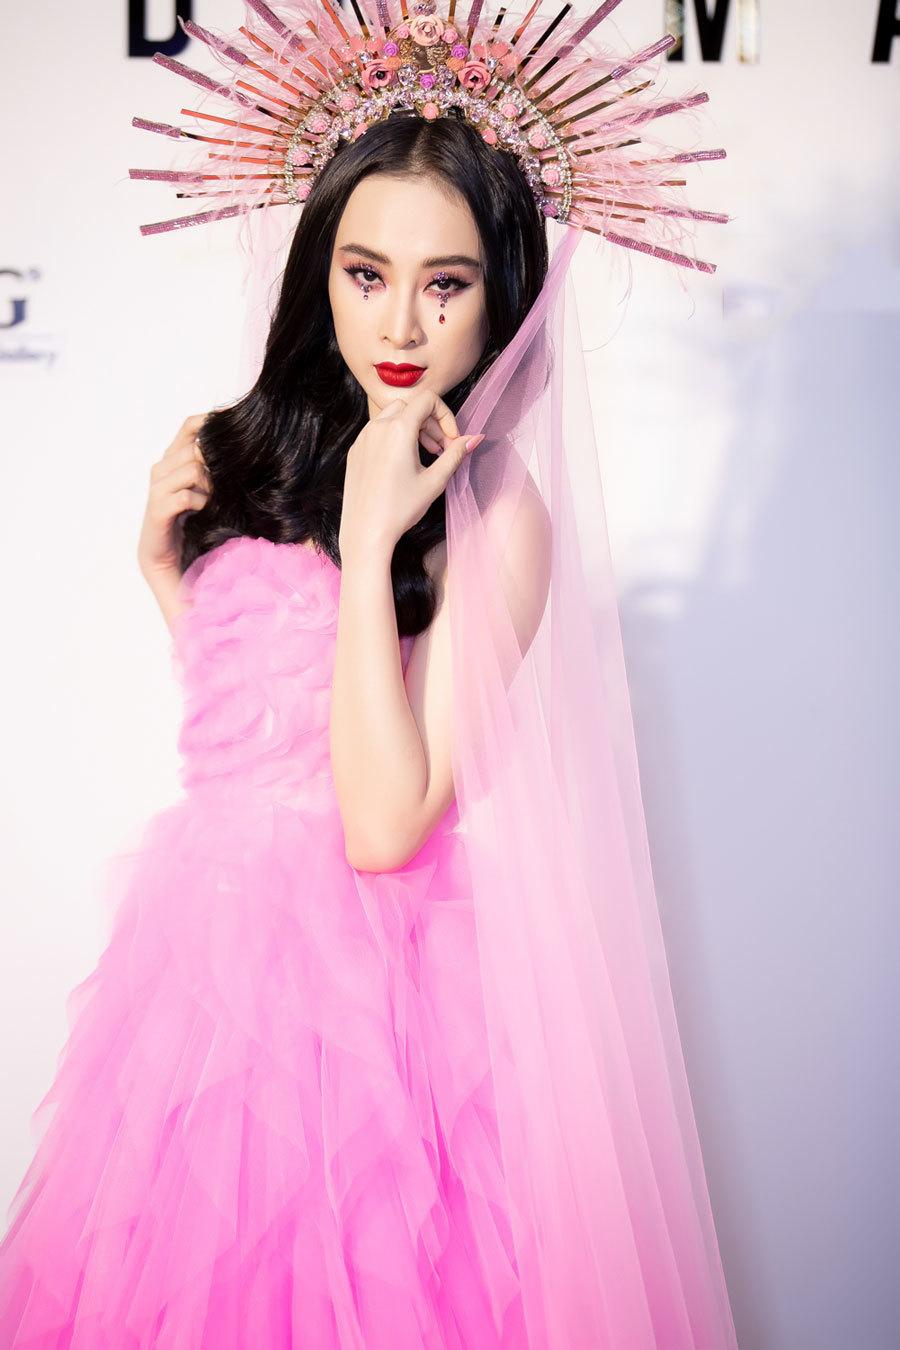 Sao Việt rực rỡ sắc hồng đi xem show của Đỗ Mạnh Cường